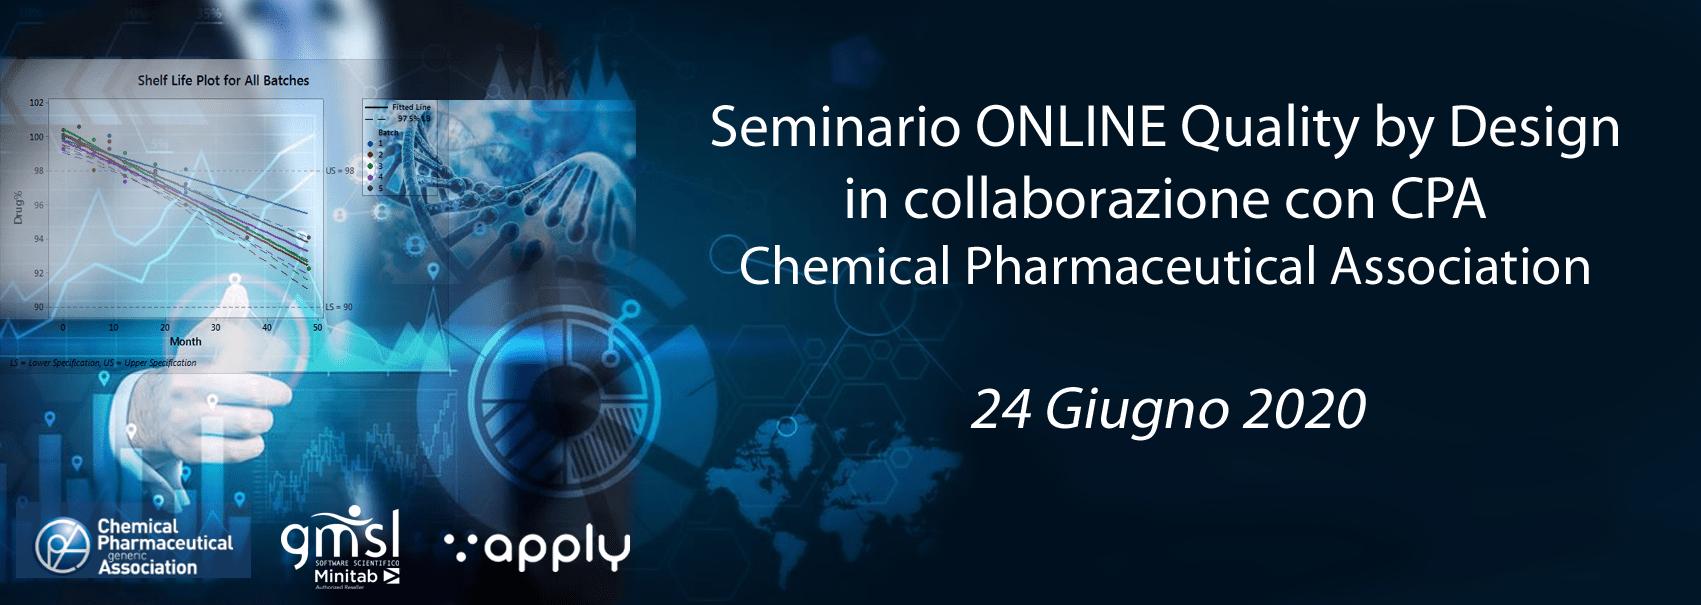 2020_06_CPA Minitab   Seminario per il settore chimico farmaceutico - Quality by Design, in collaborazione con CPA